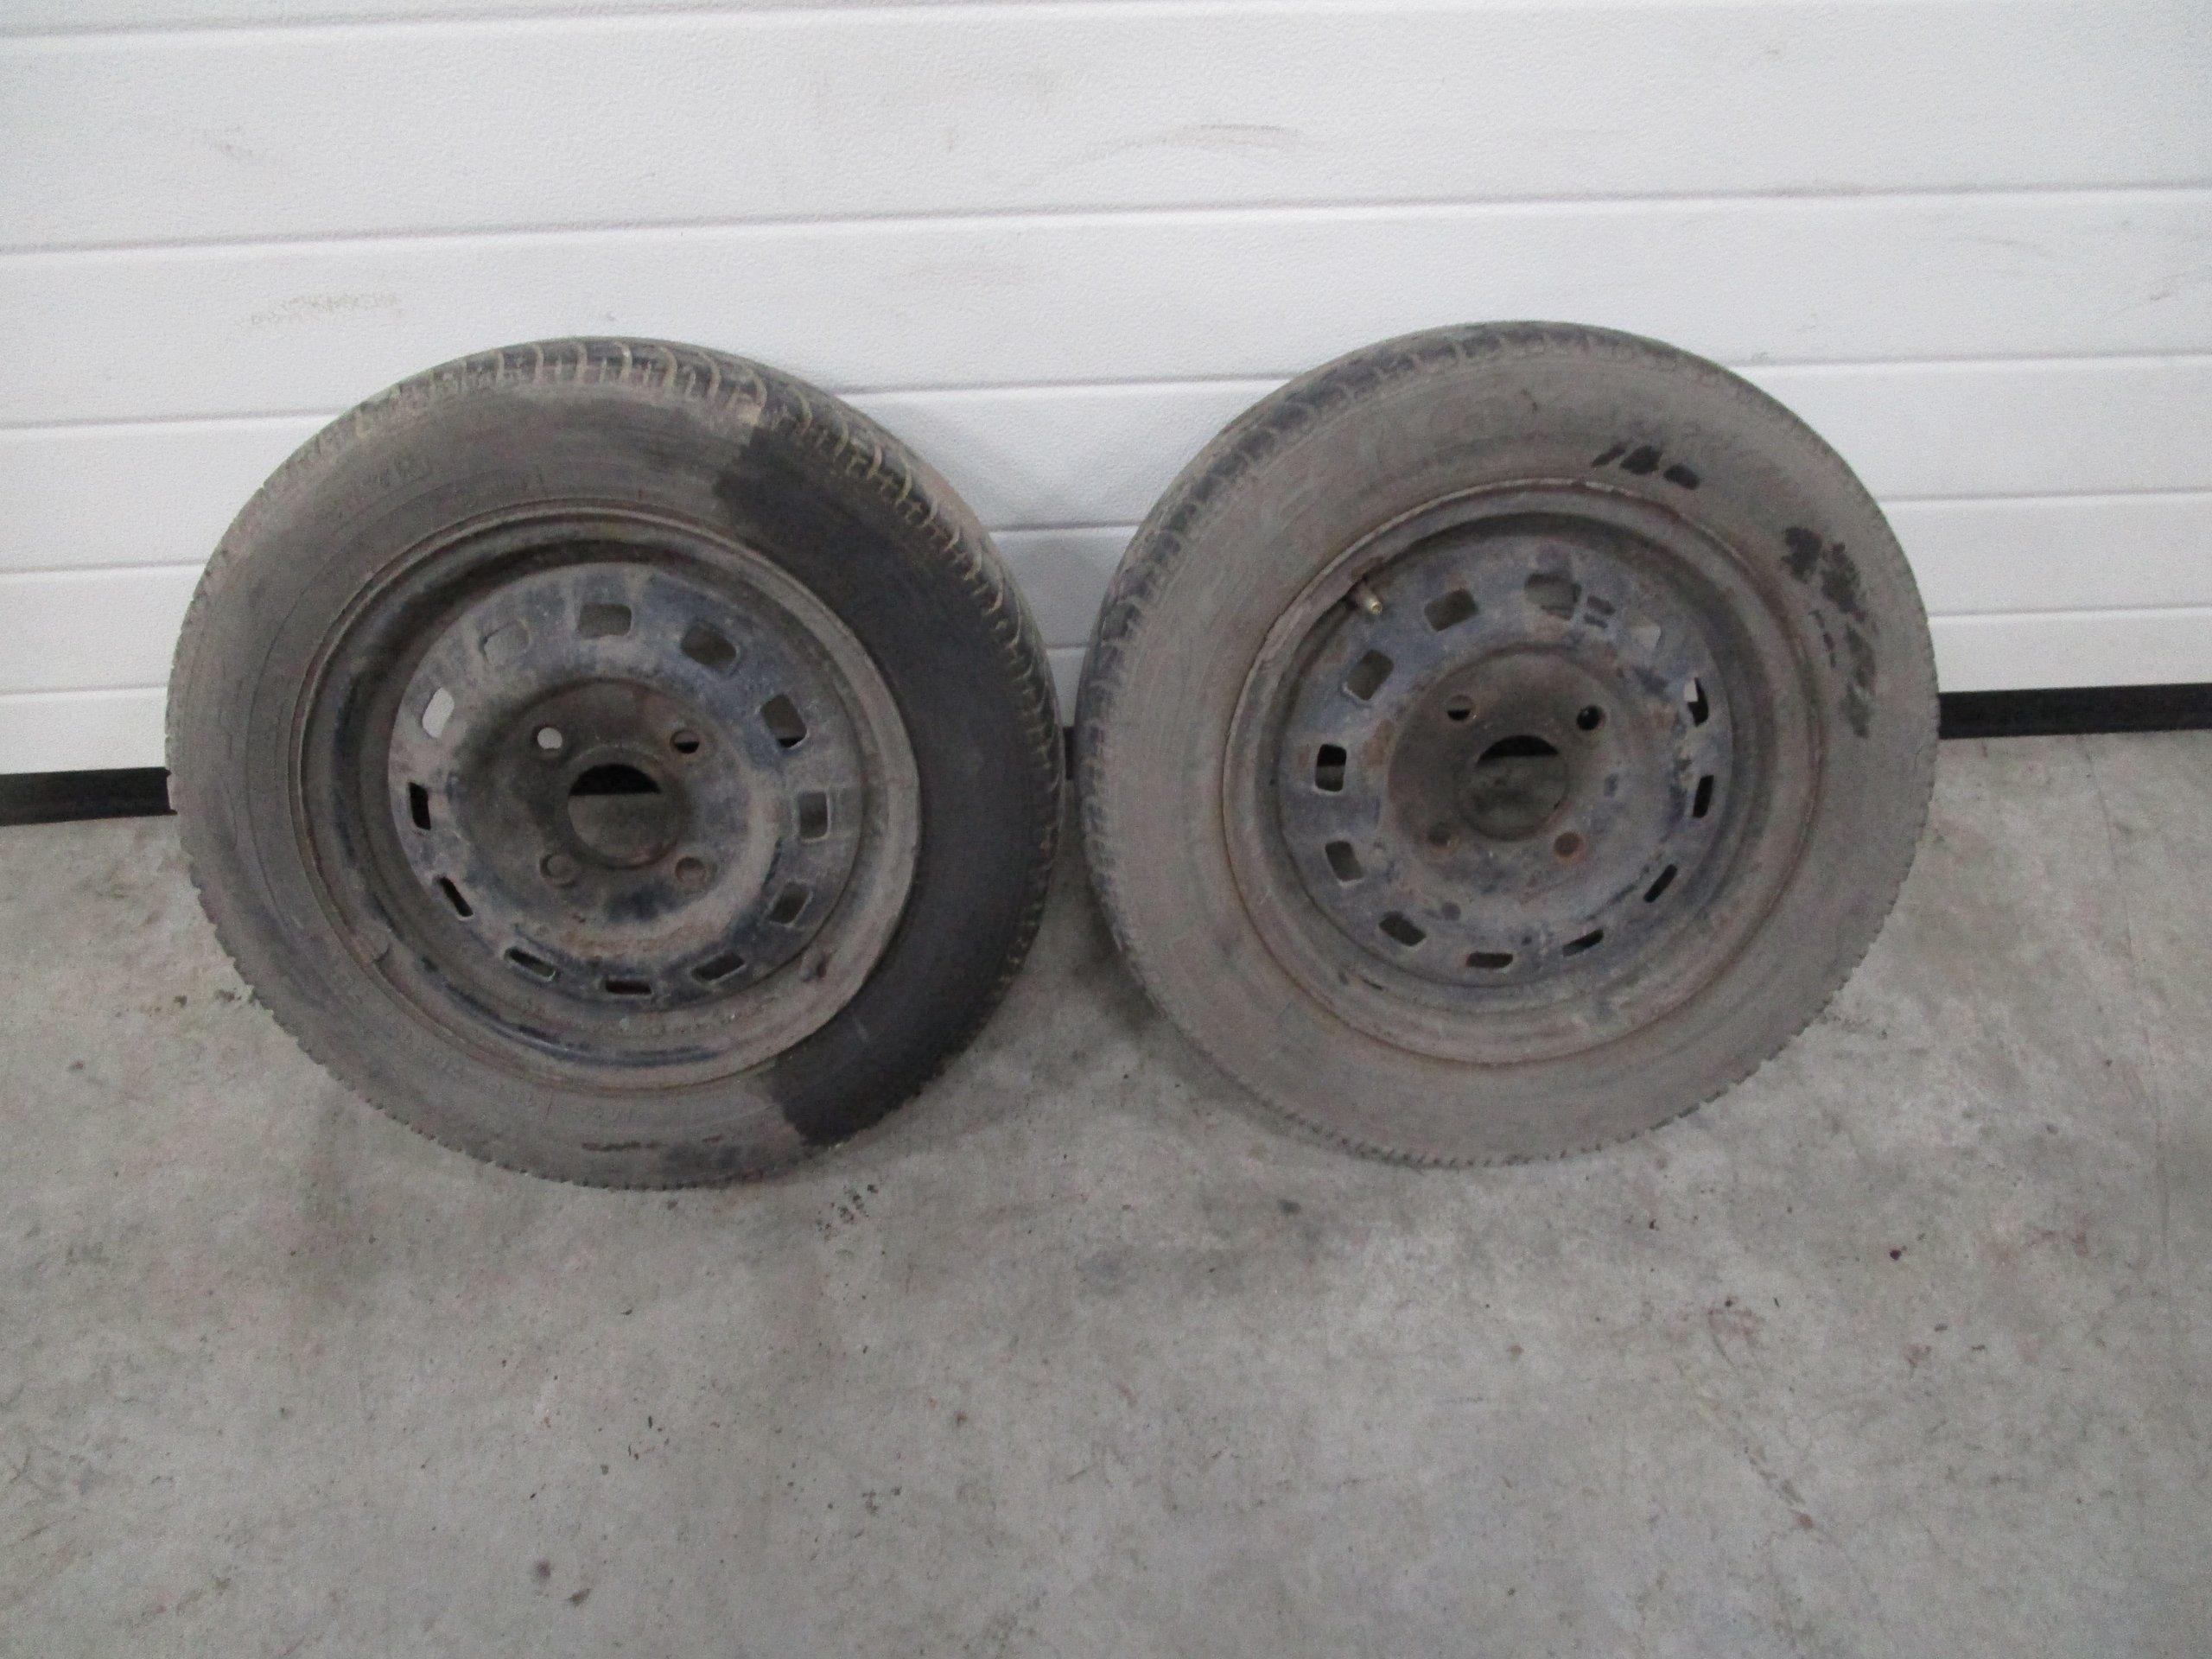 2x Koła Opony Daewoo Matiz 4x1143 13 15570 13r 7186829669